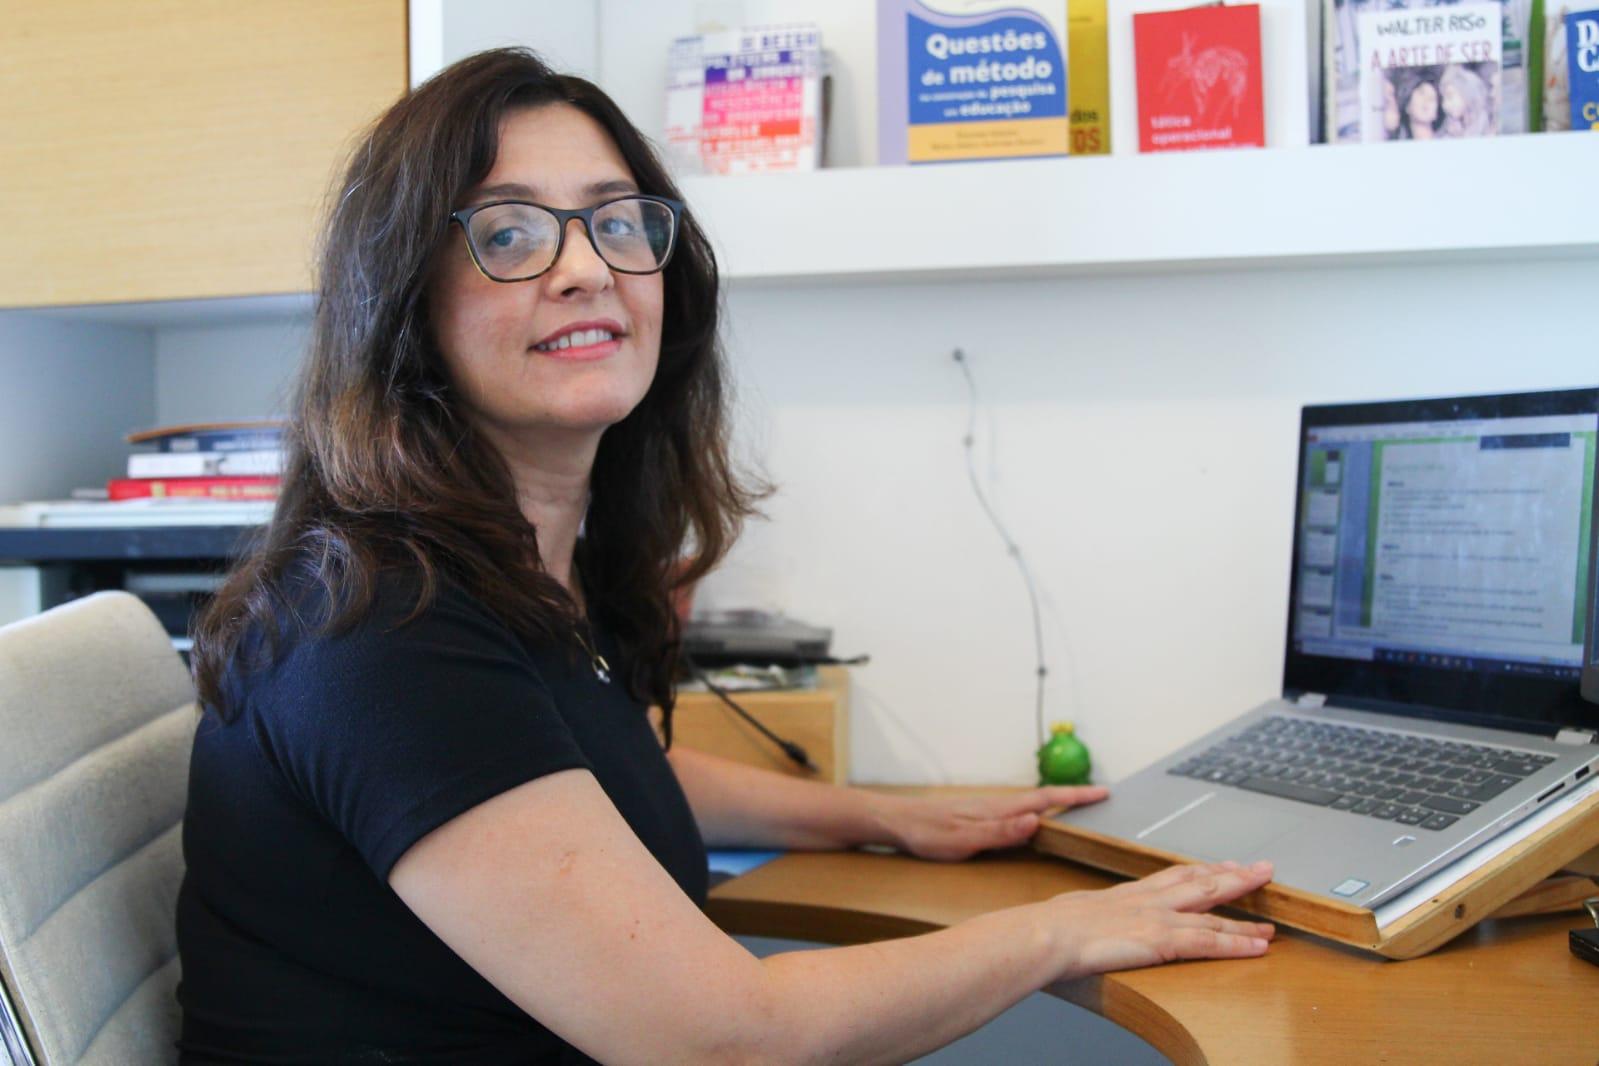 Pesquisadora da UFPE, Tícia Ferro, afirma que a inclusão das pessoas com deficiência deve ocorrer nas escolas regulares. (Sandy James/DP)